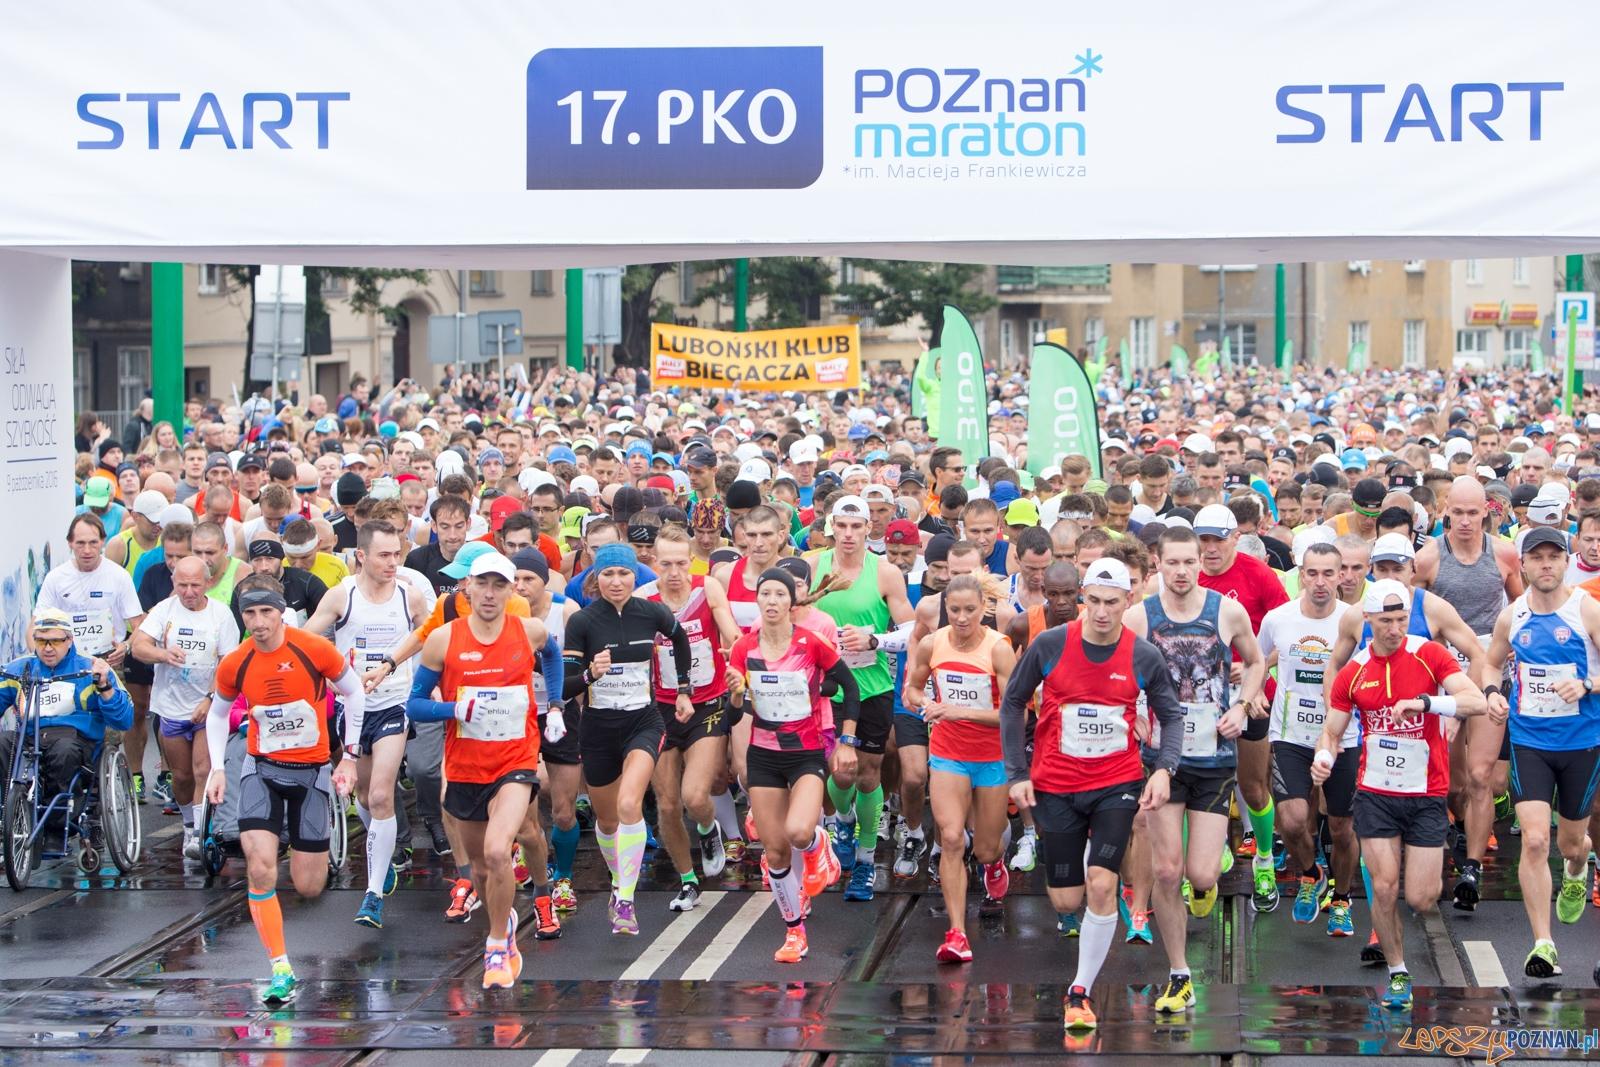 17. PKO Poznań Maraton  Foto: lepszyPOZNAN.pl / Piotr Rychter